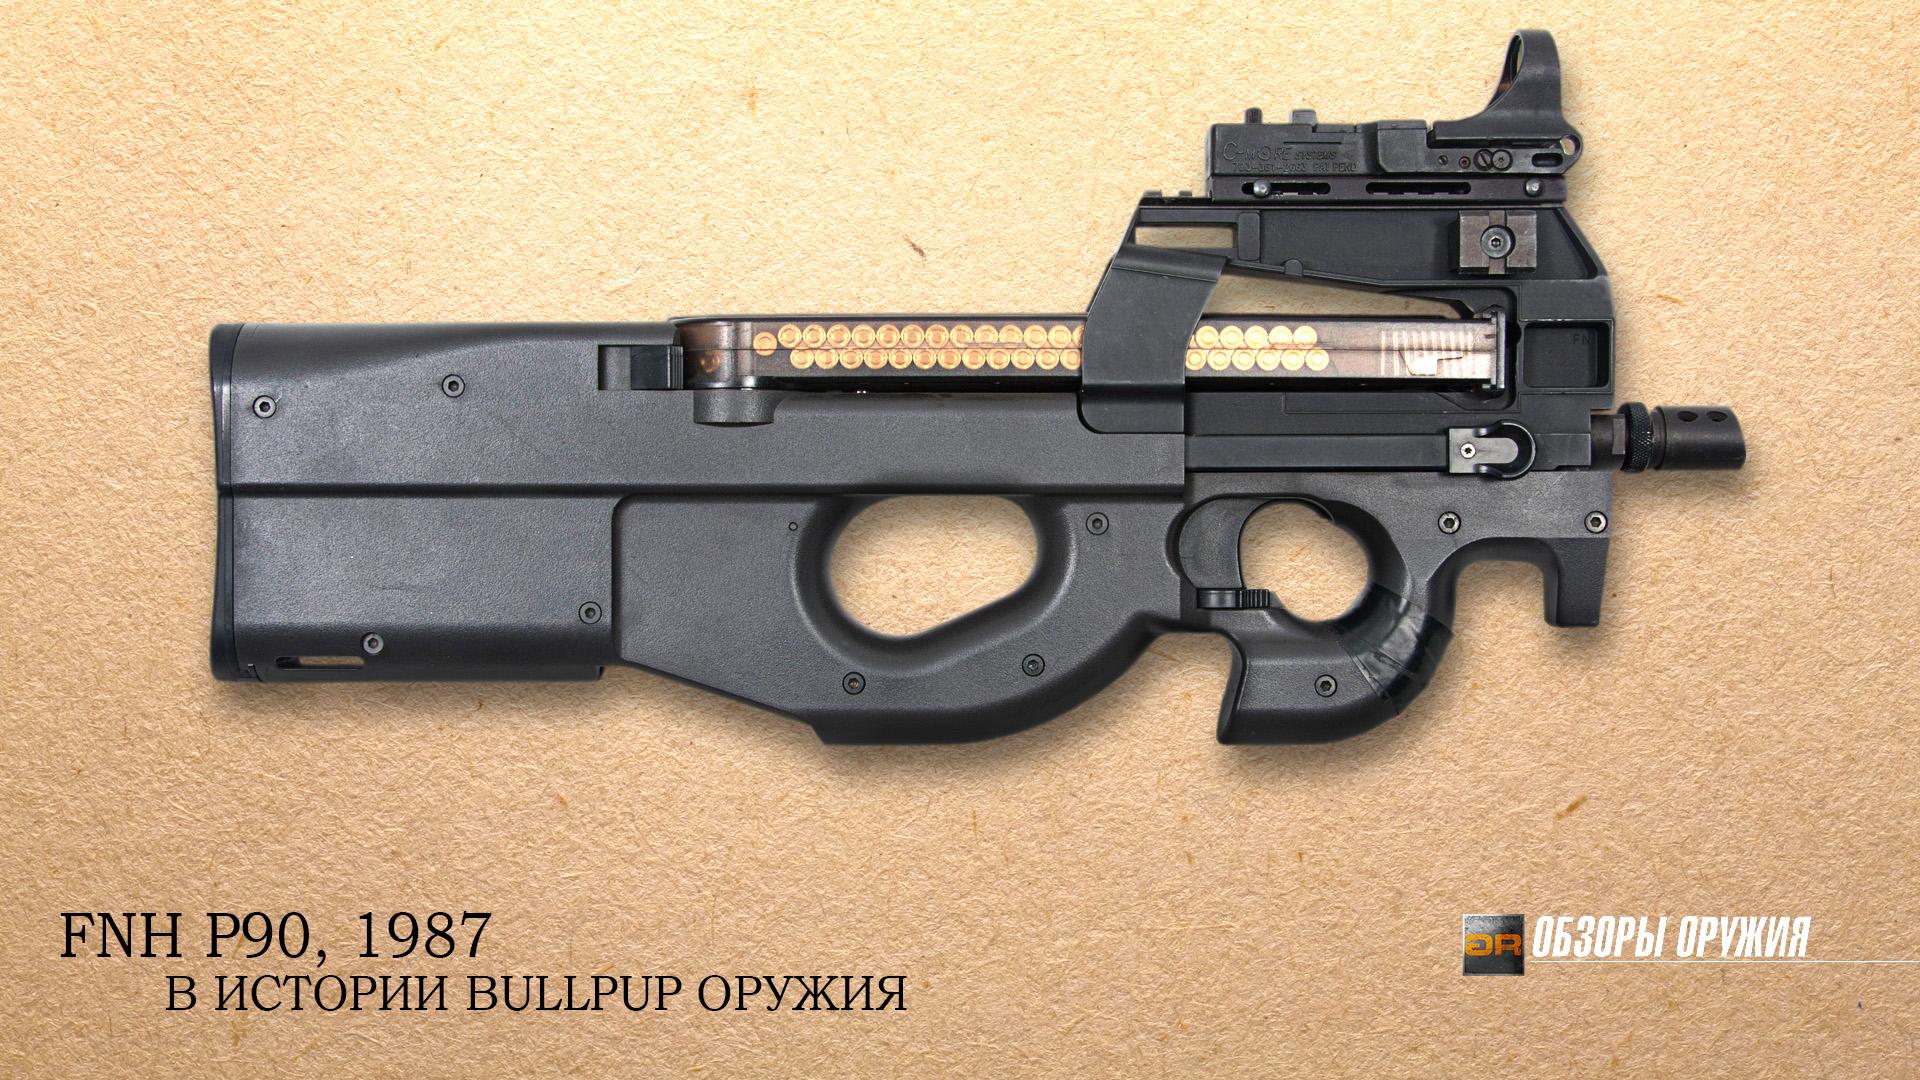 FN P90, 1987